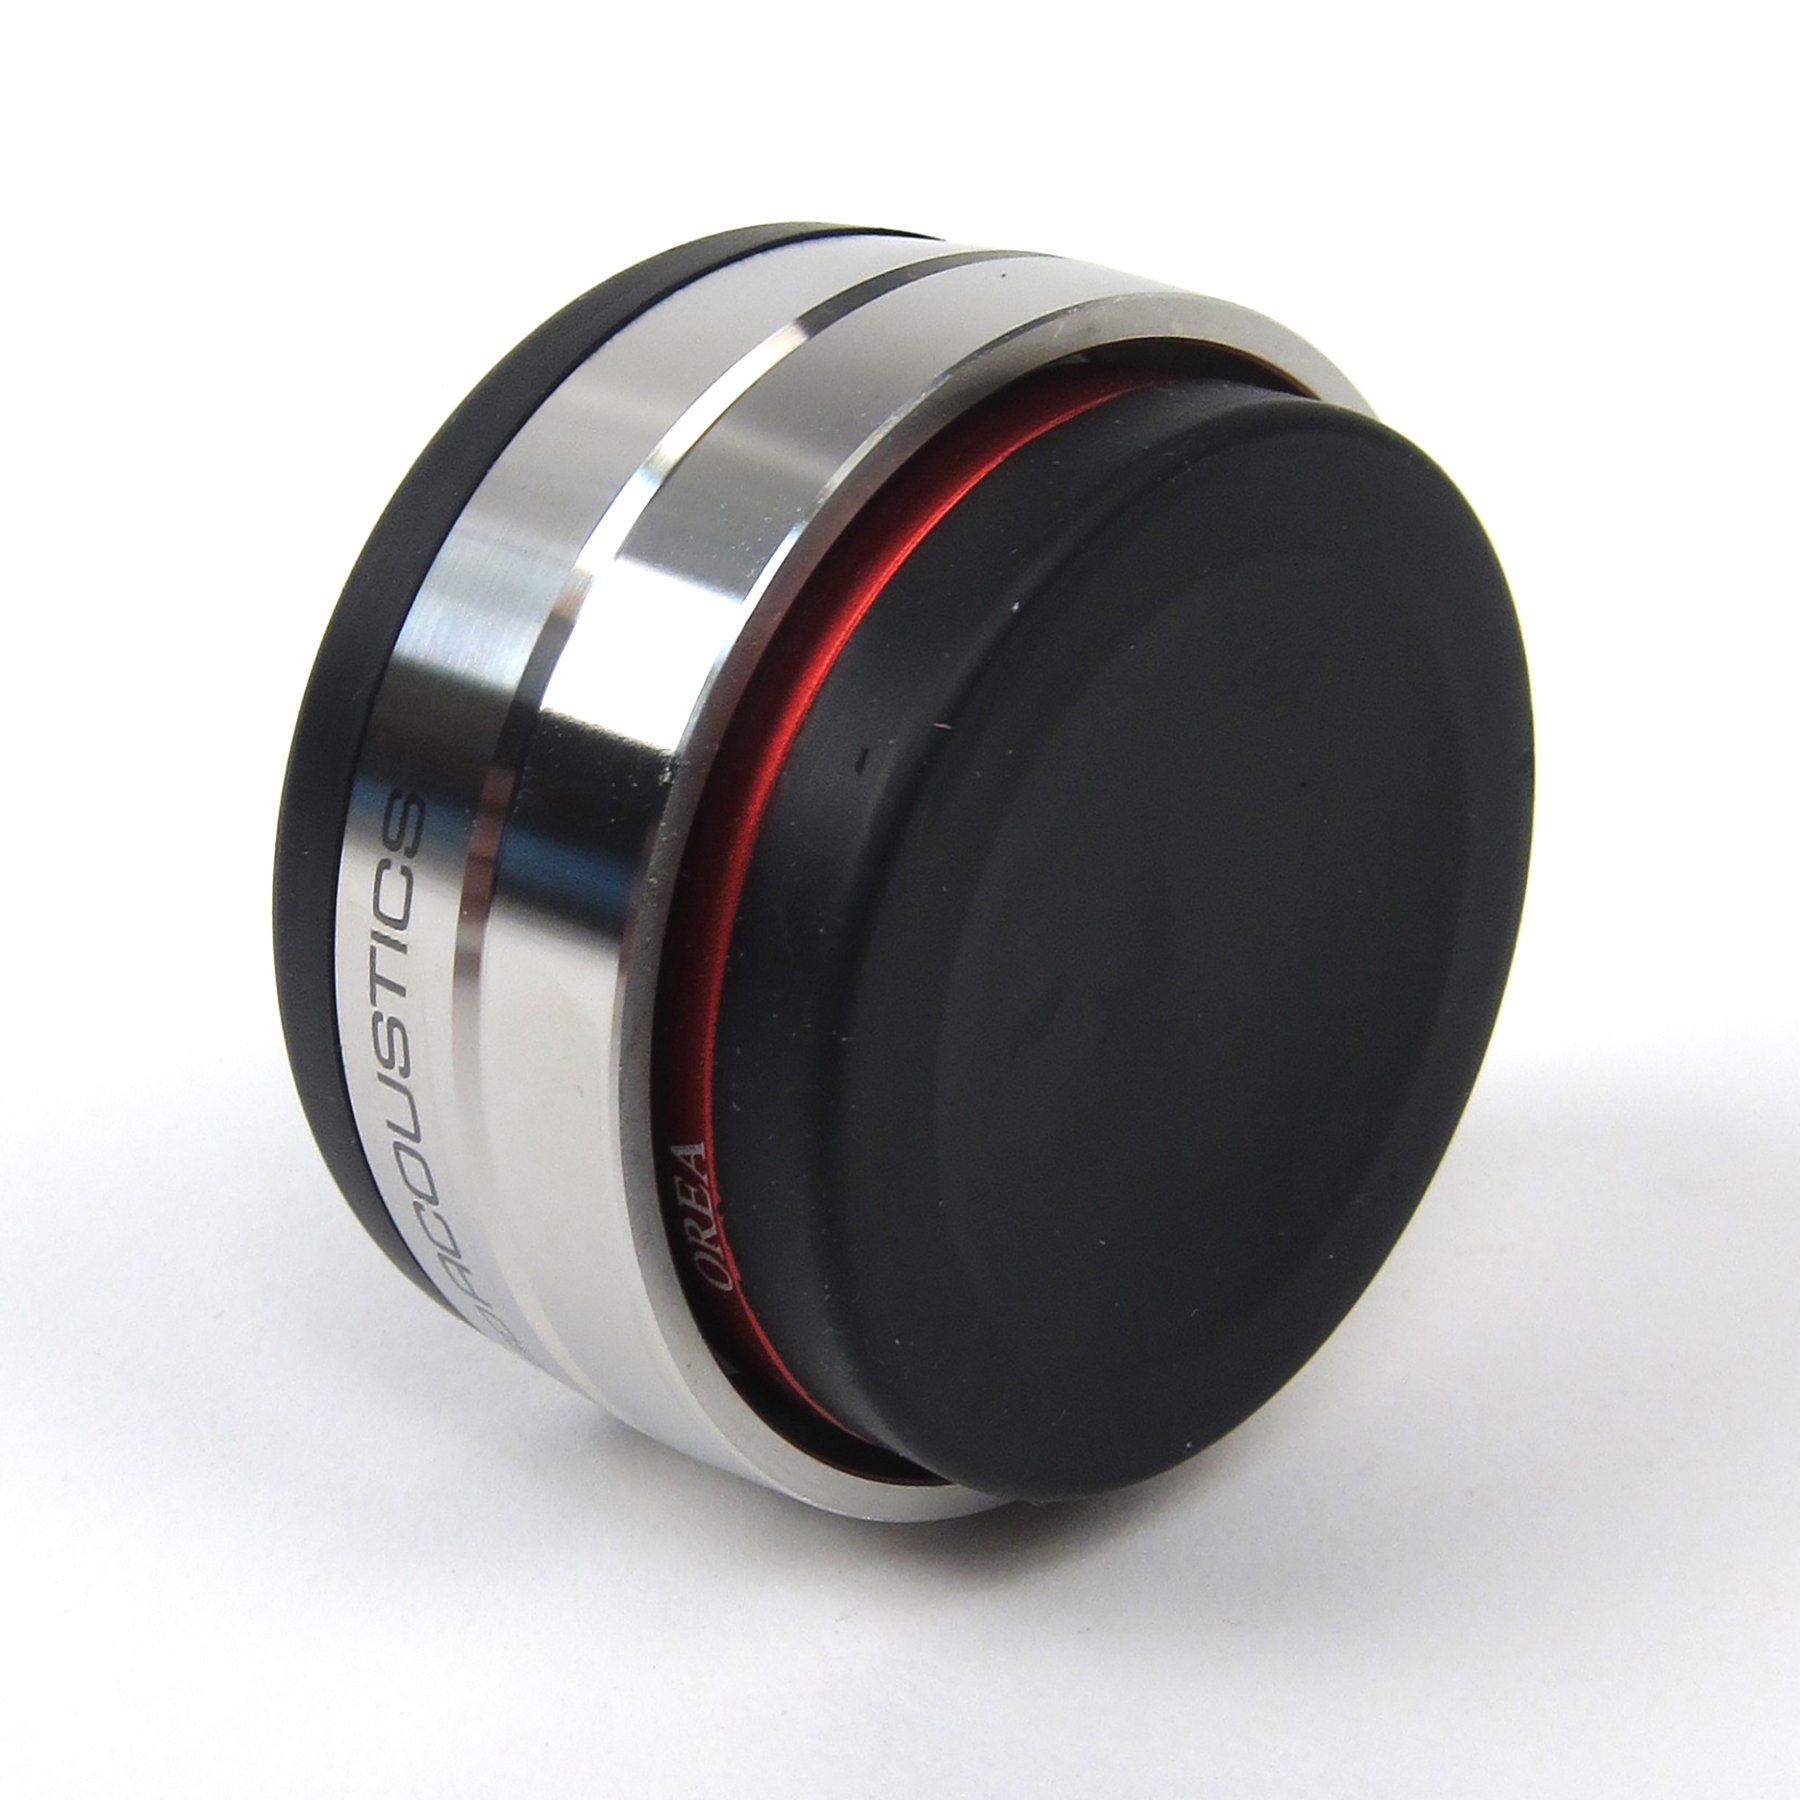 audiow3 isolateur isoacoustics orea bordeaux 1 unit. Black Bedroom Furniture Sets. Home Design Ideas